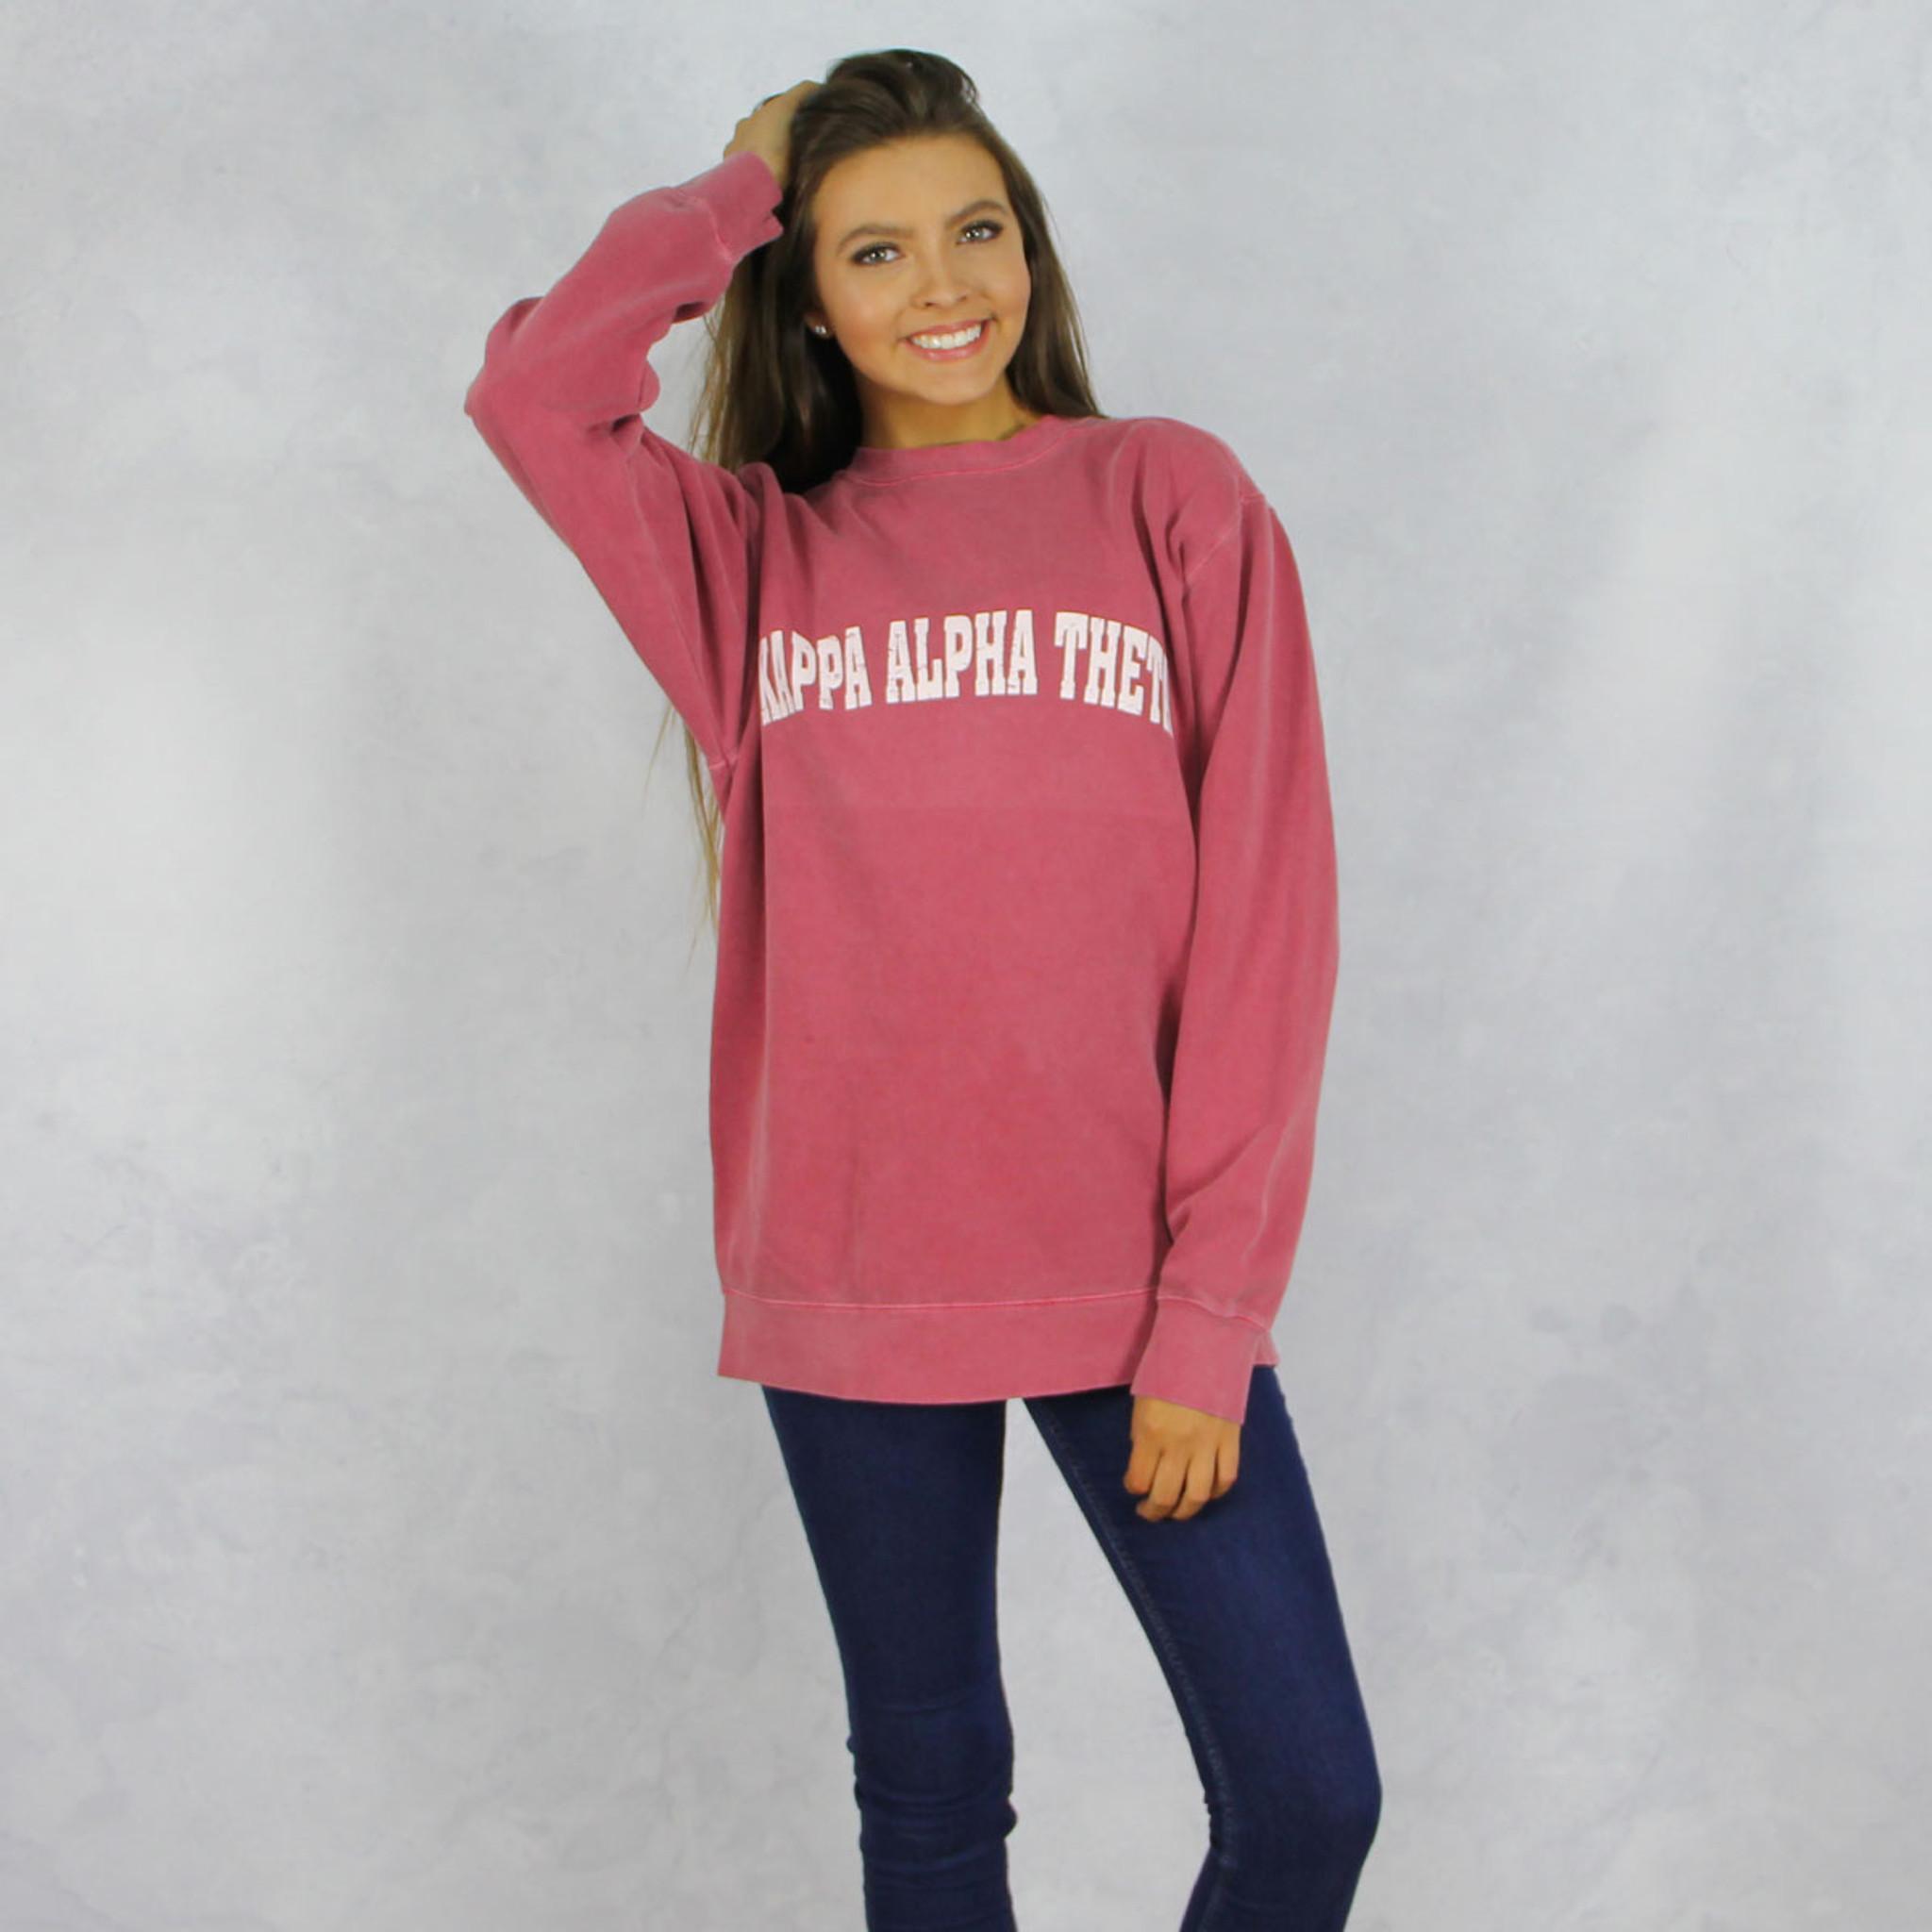 s fl dyed comforter women garment crewneck colors p comfort sweatshirt